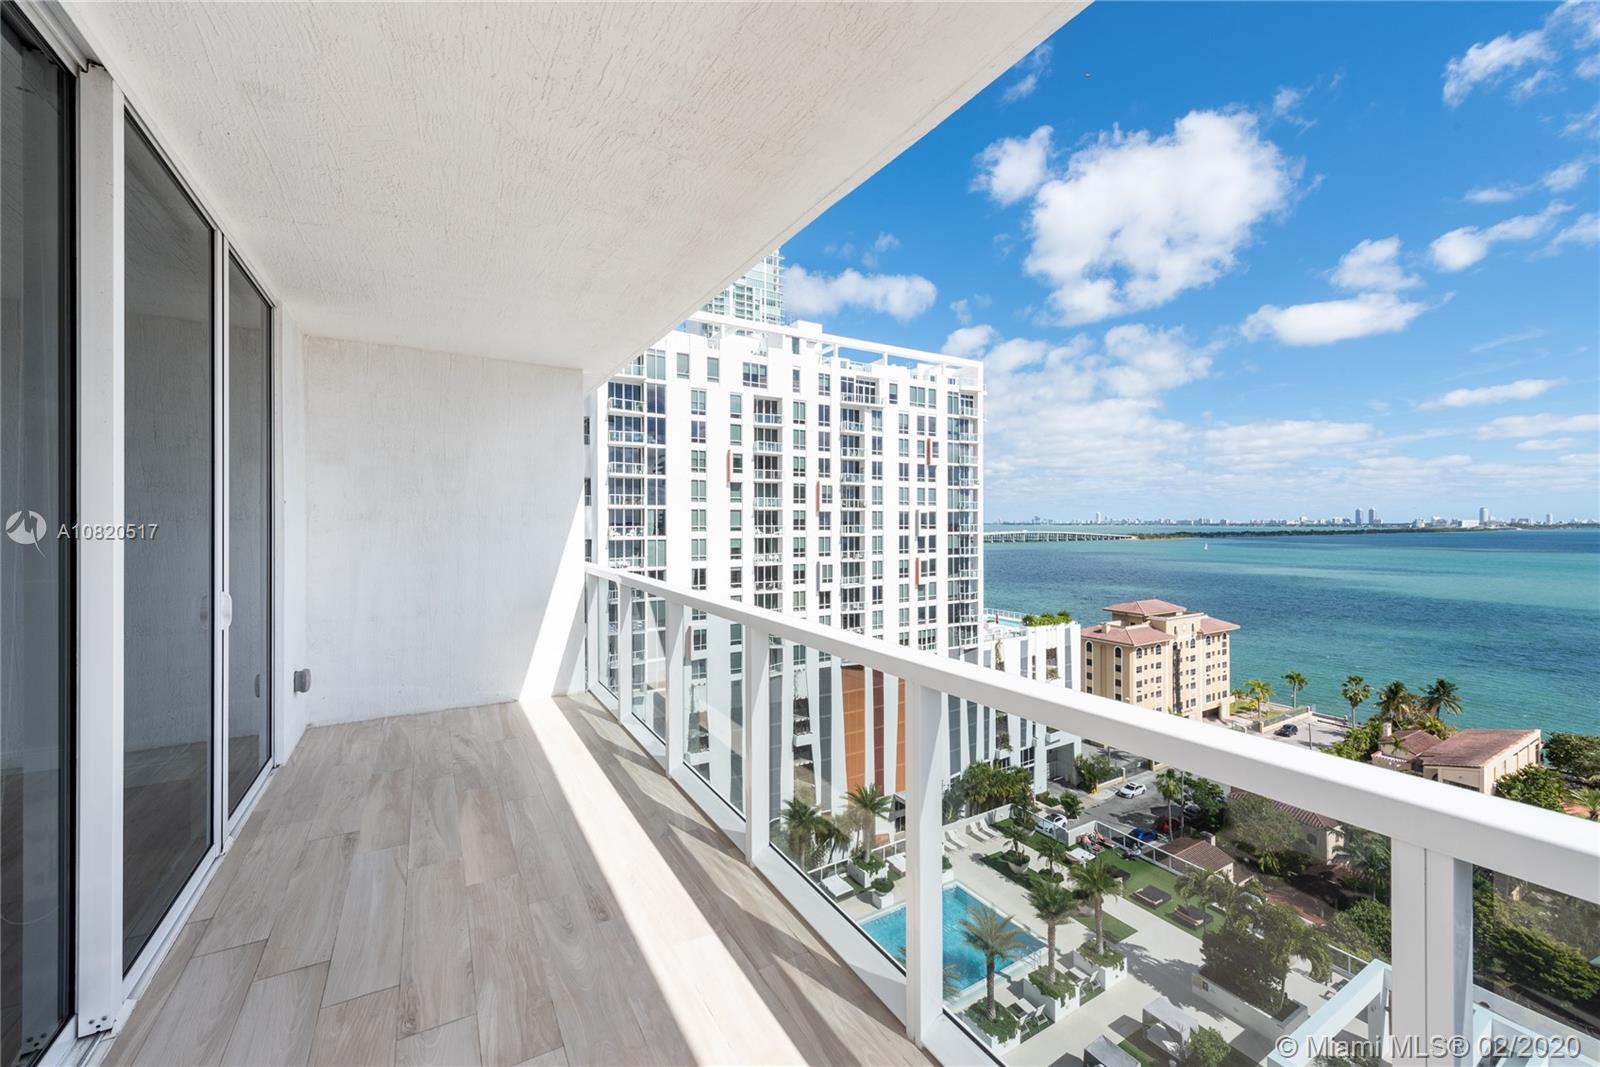 600 NE 27th St #1505 Miami 33137